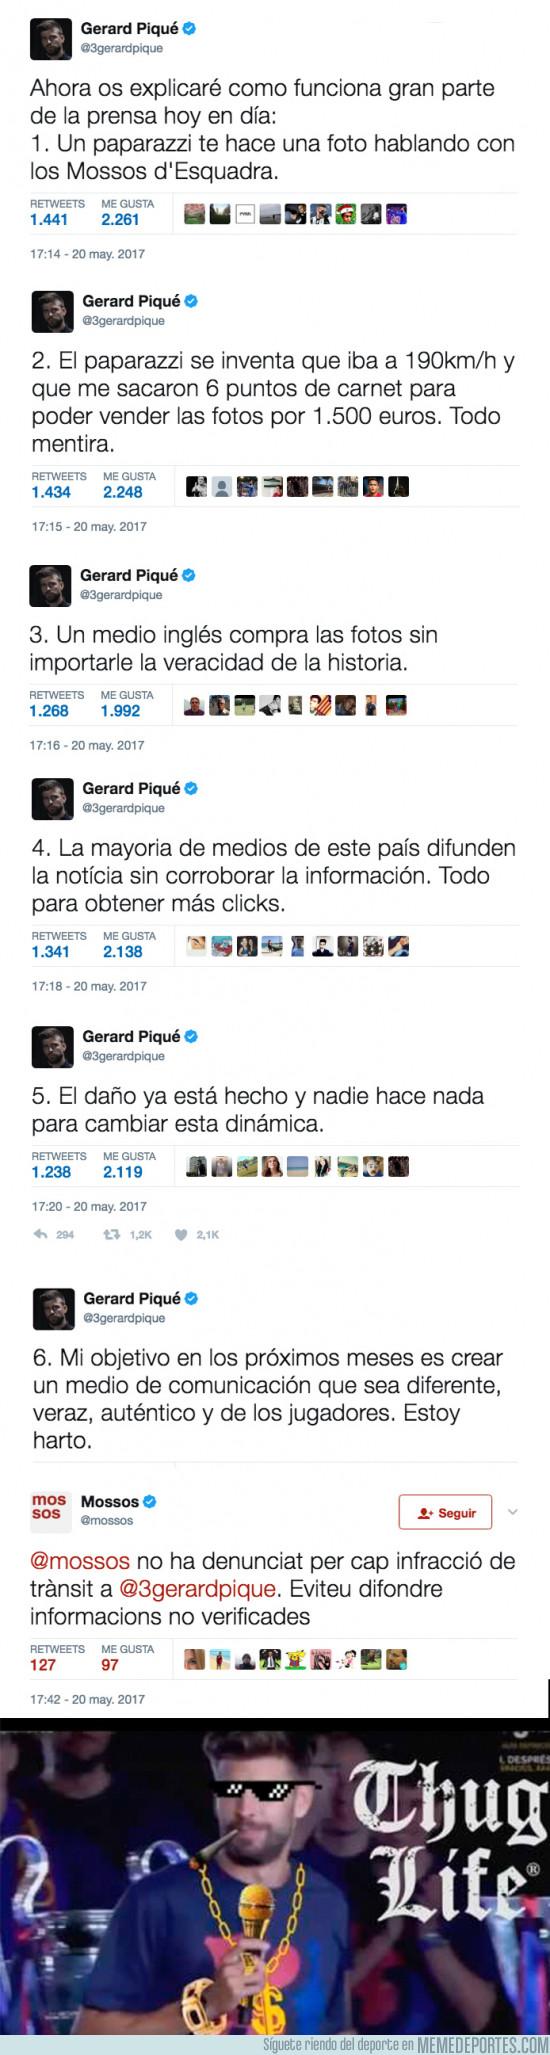 976429 - Gerard Piqué estalla en Twitter tras difundirse informaciones falsas sobre su vida